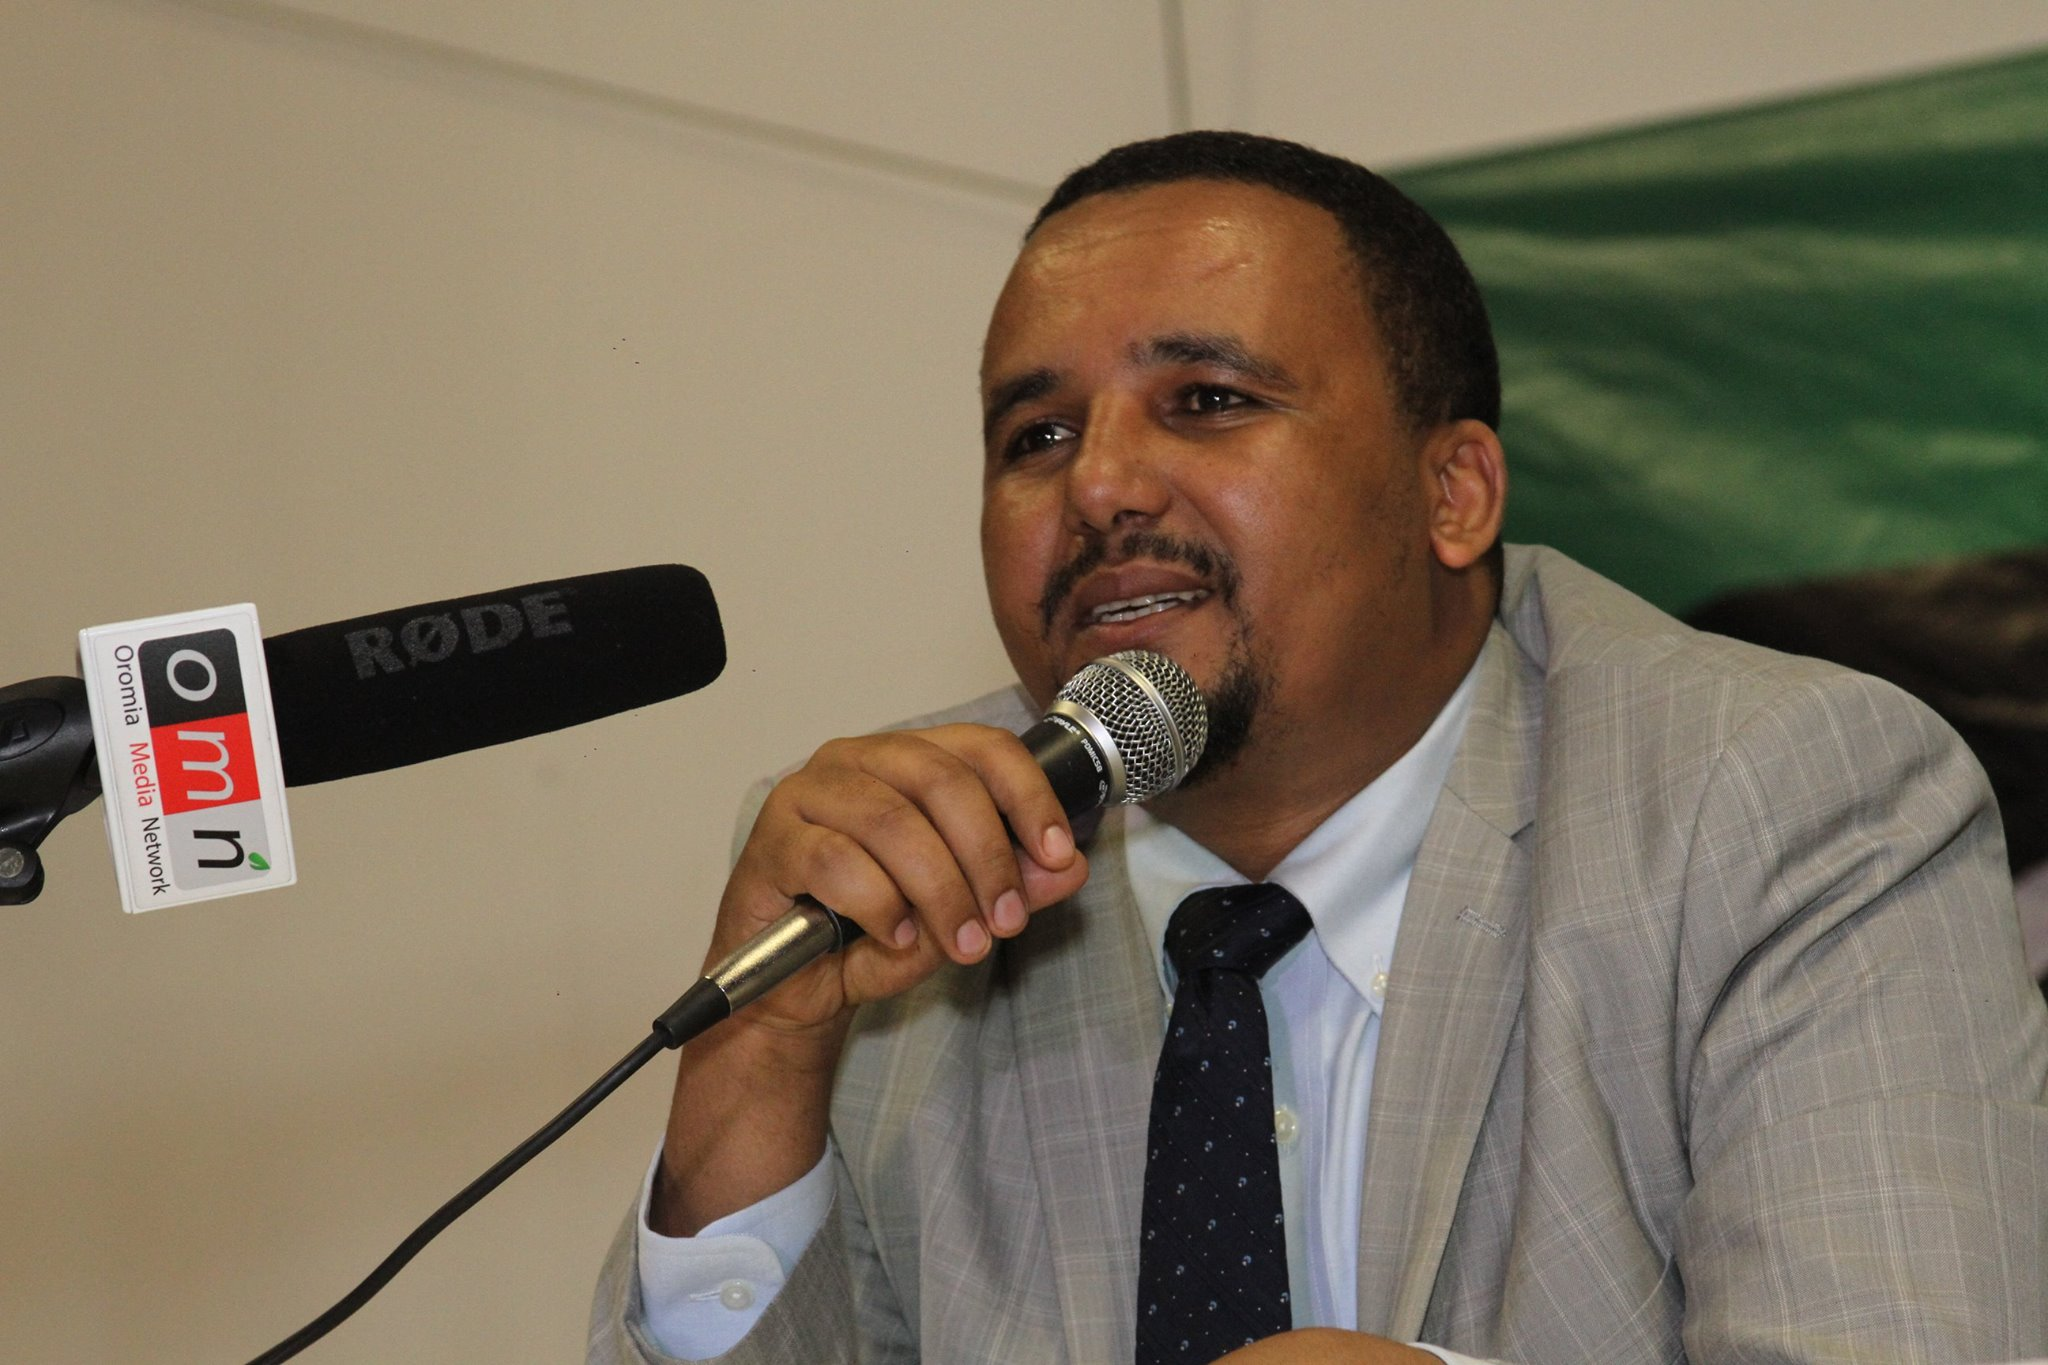 Jawar Mohammed est un leader politique controversé. En guerre ouverte contre le premier ministre, il pourrait être qualifié de cyberactiviste quant à son influence sur les réseaux sociaux.